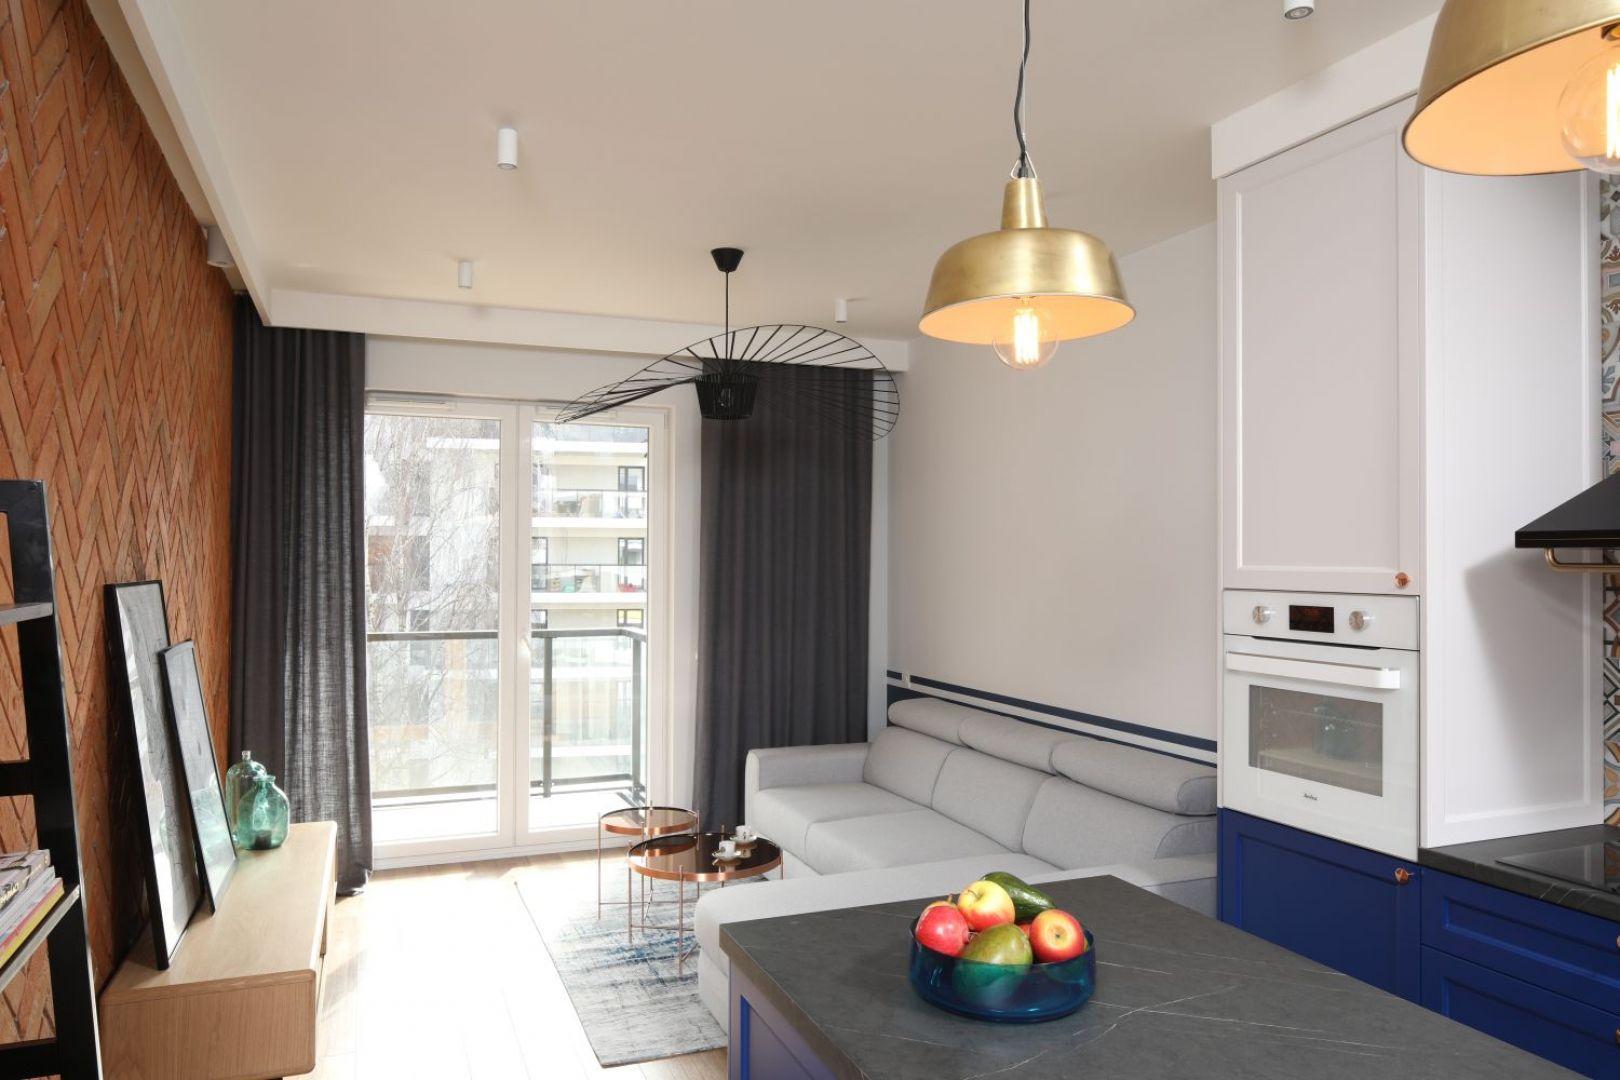 Salon otwierający się panoramicznymi oknami na taras czy balkon będzie wydawał się znacznie większy, przez zatracenie granicy pomiędzy wnętrzem domu a jego otoczeniem. Mały salon. Projekt: Anna Krzak. Fot. Bartosz Jarosz